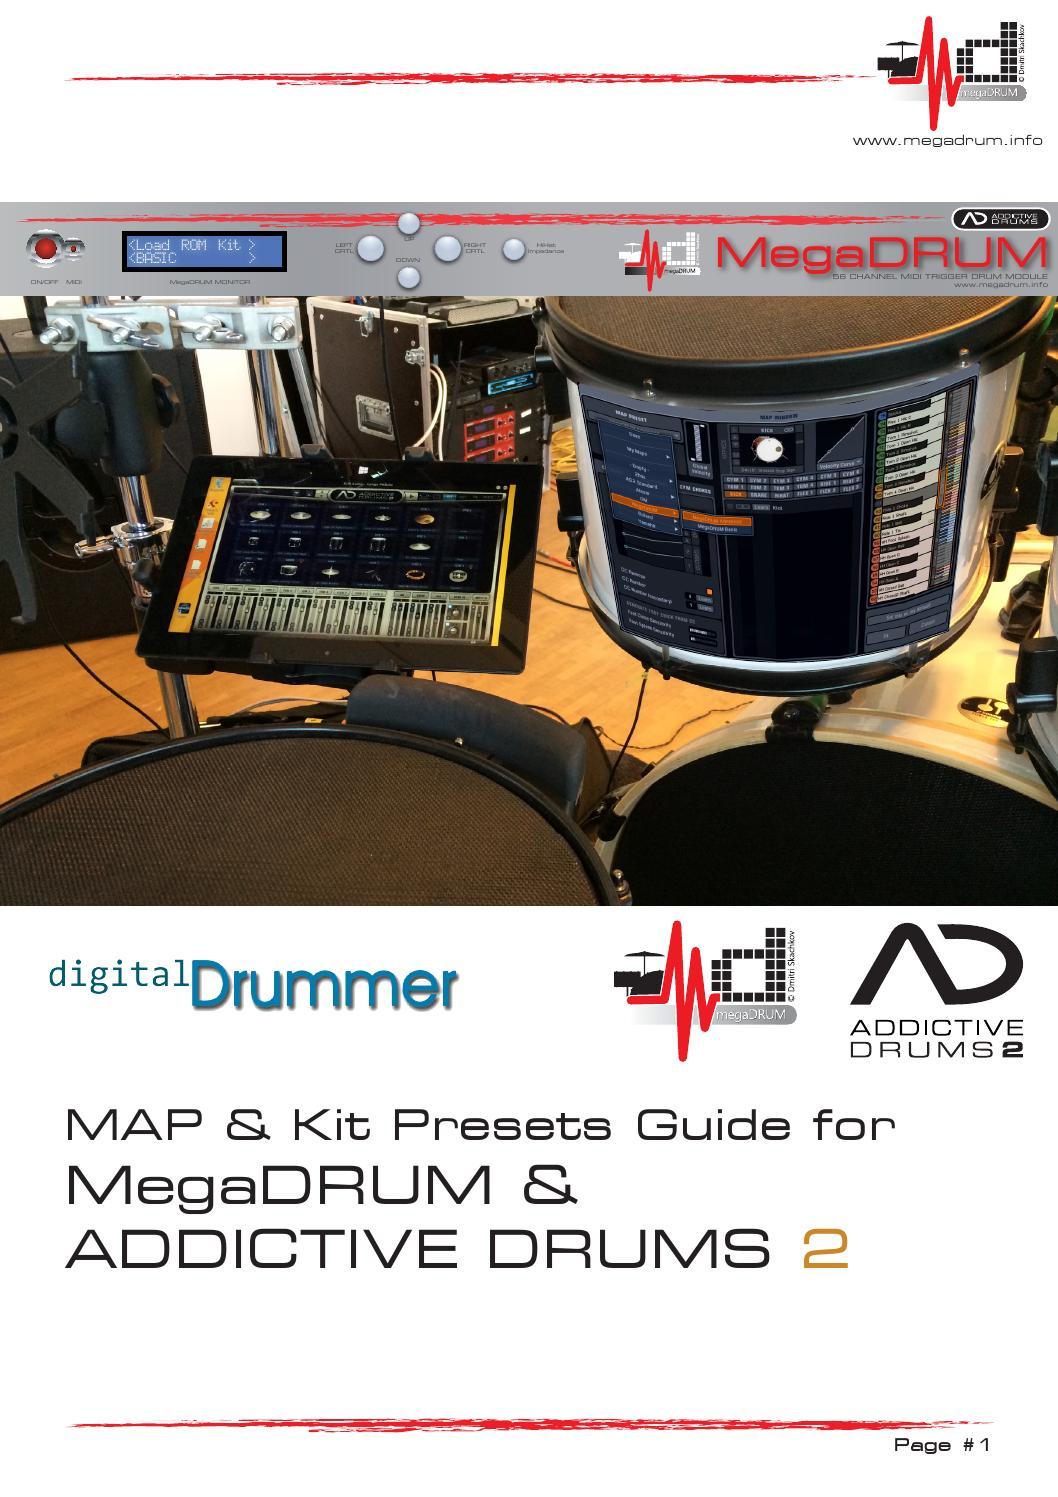 Addictive drums 64 bit download